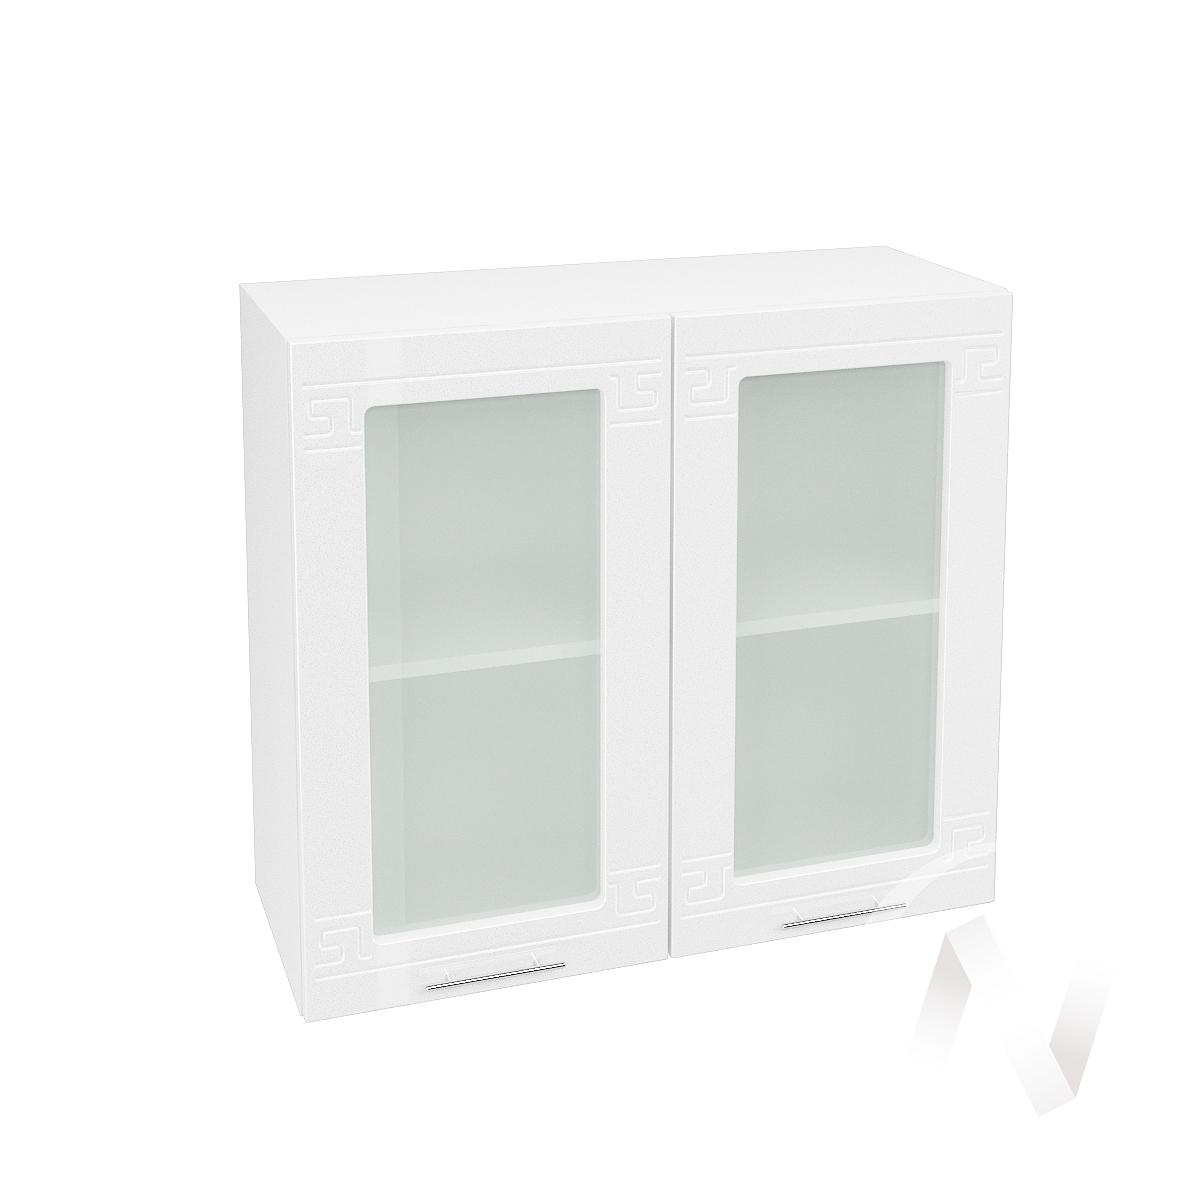 """Кухня """"Греция"""": Шкаф верхний со стеклом 800, ШВС 800 (белый металлик/корпус белый)"""